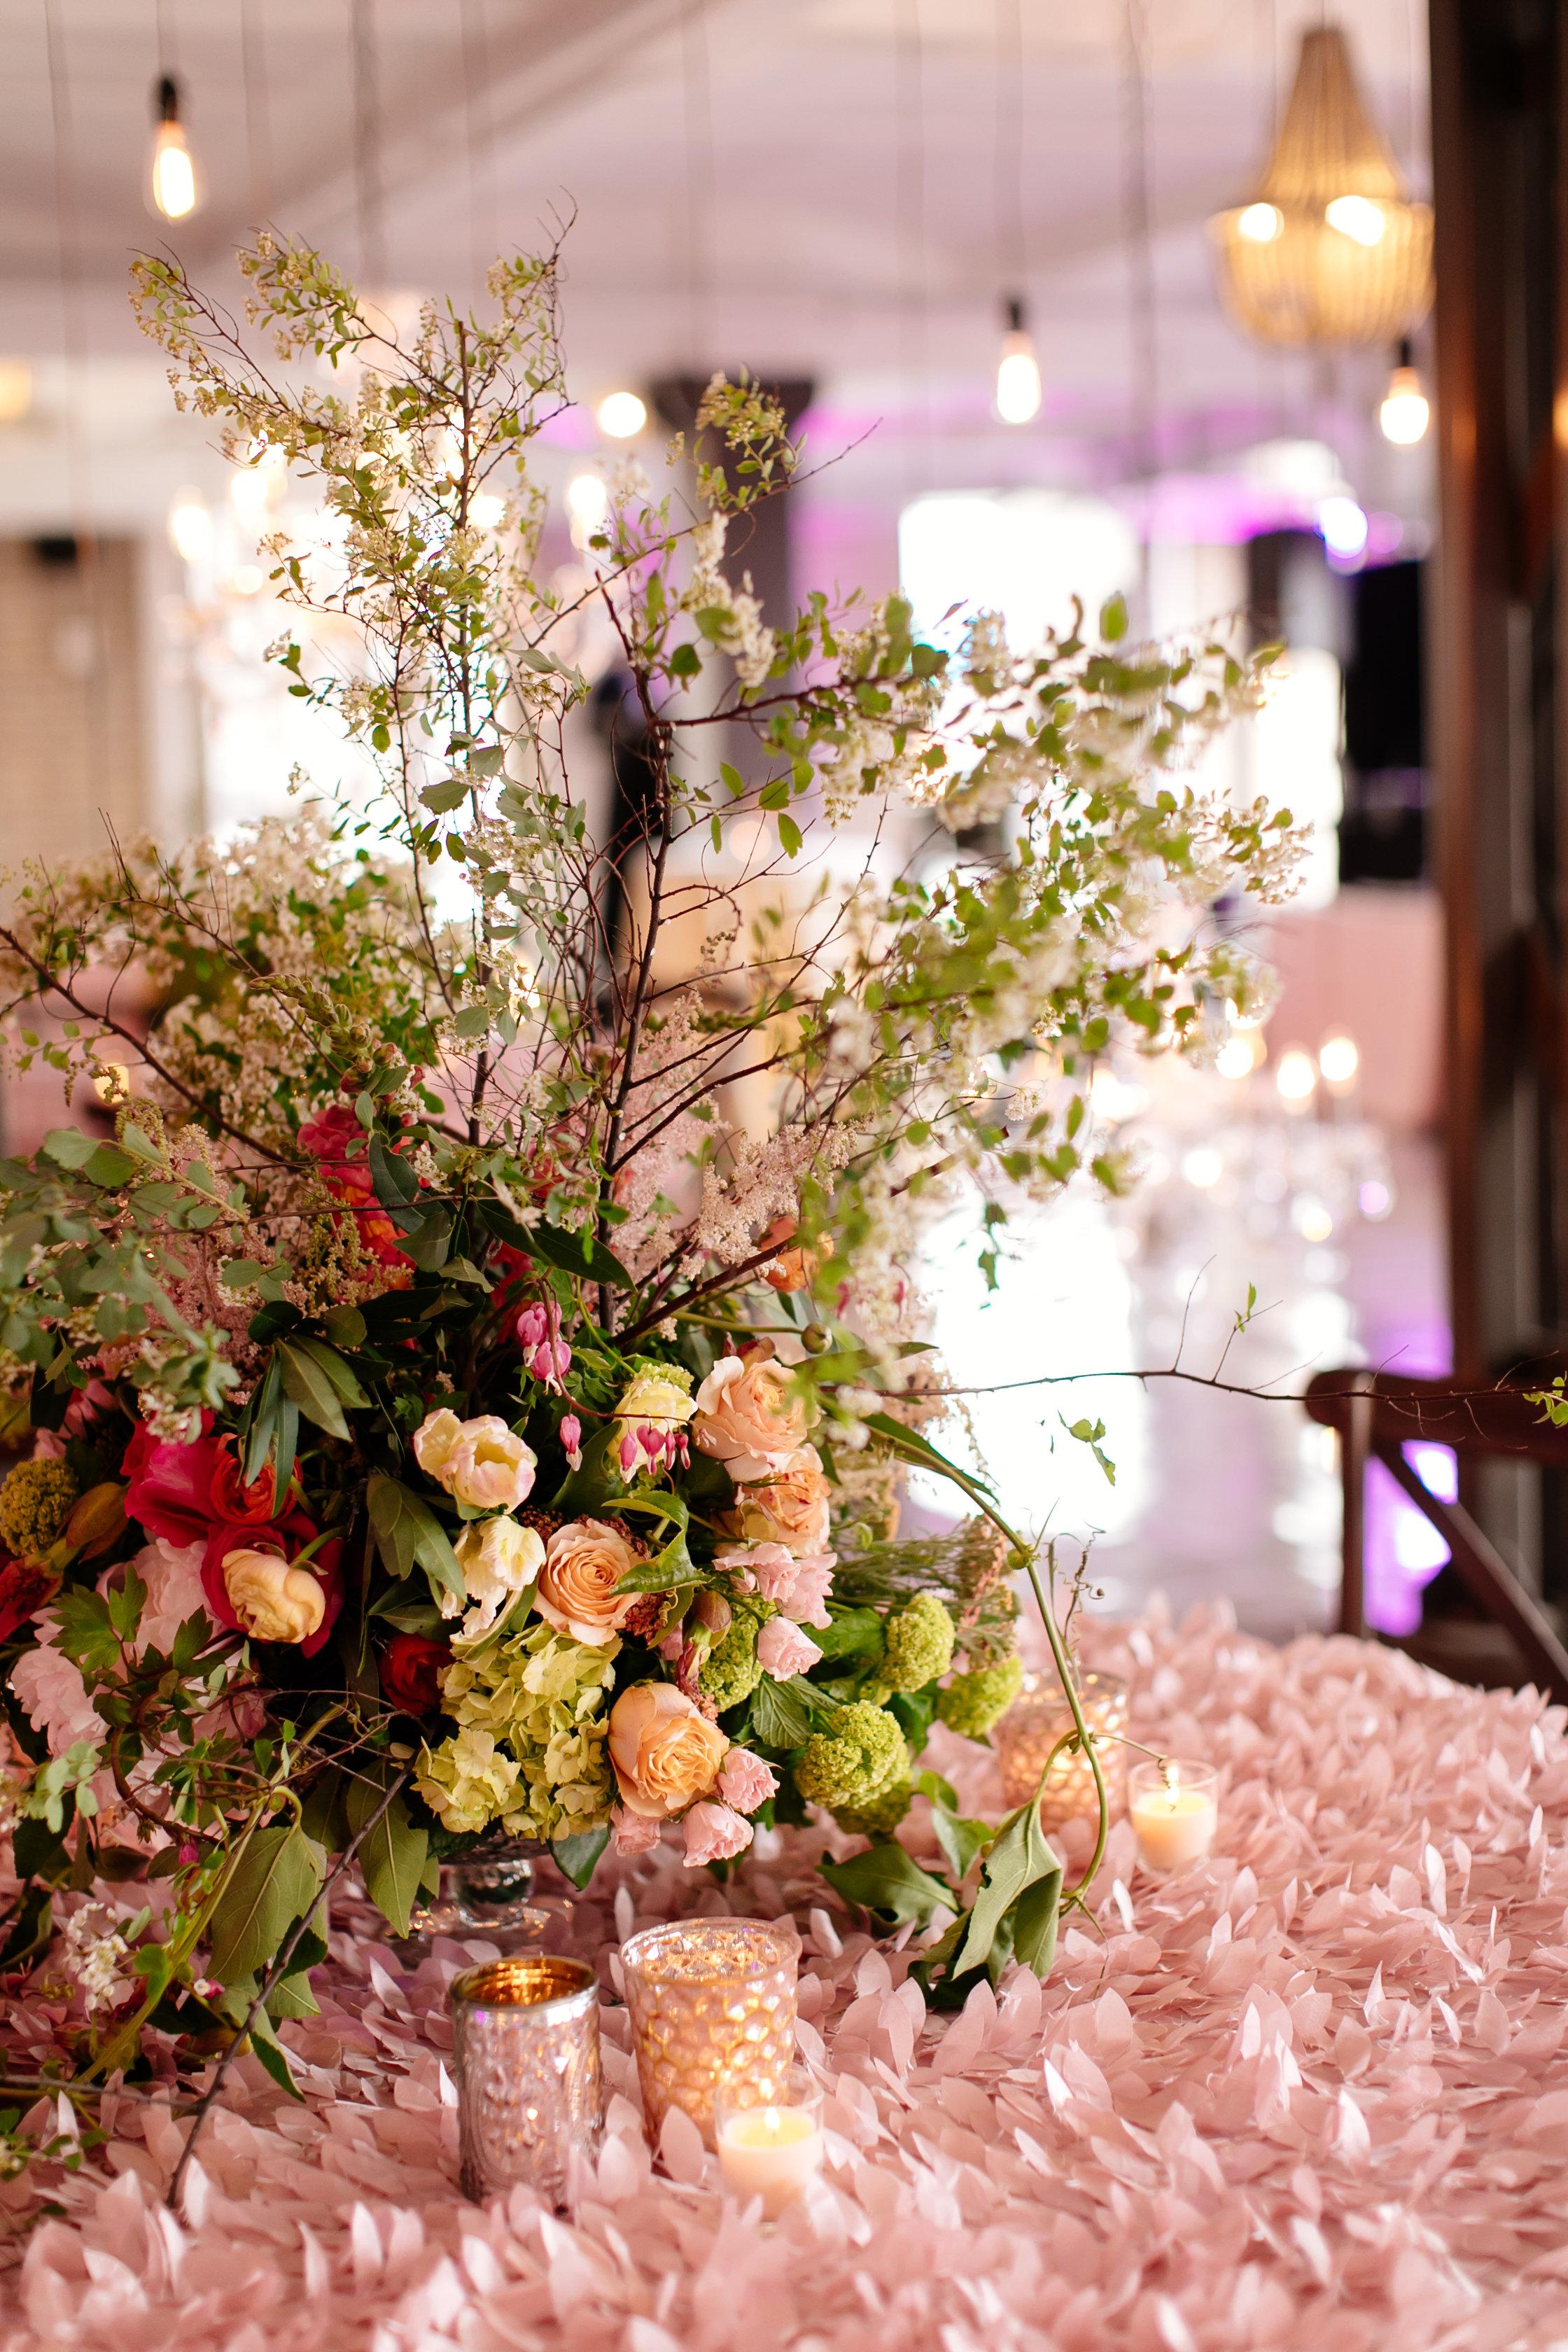 Event Florist | Studio C Floral